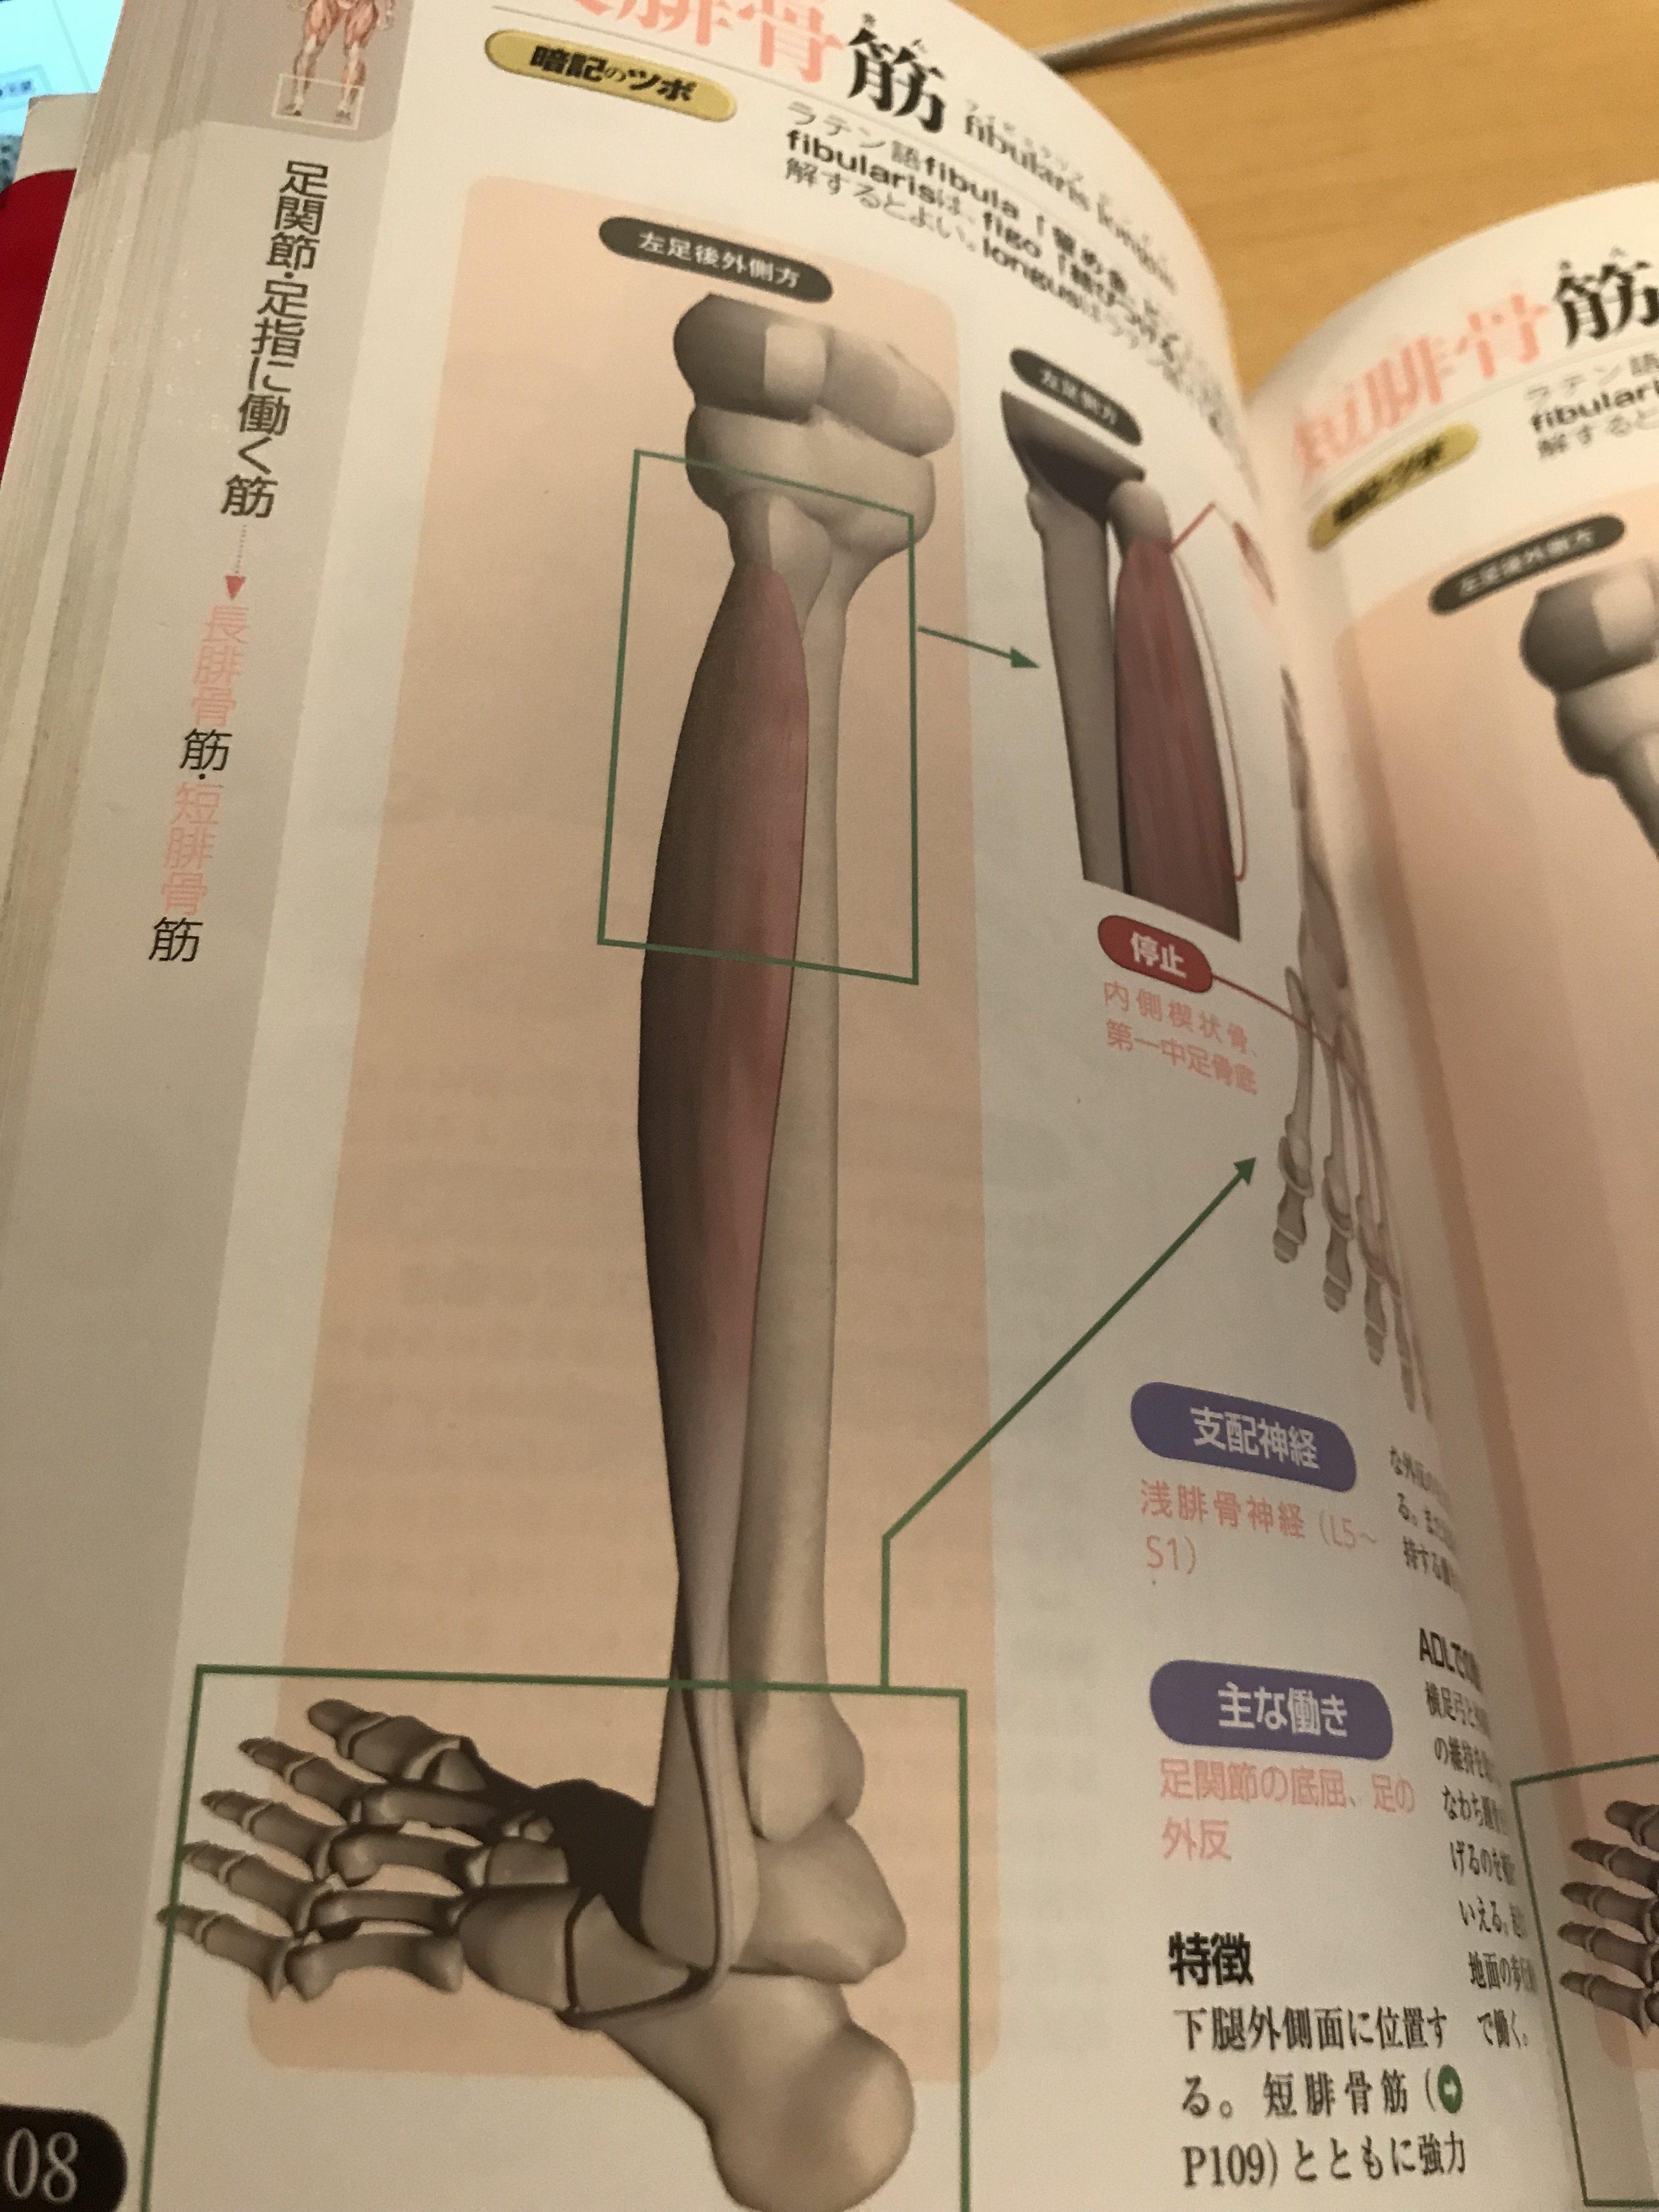 腓骨筋腱炎(外側のくるぶしが痛い、足首の外側が痛い)